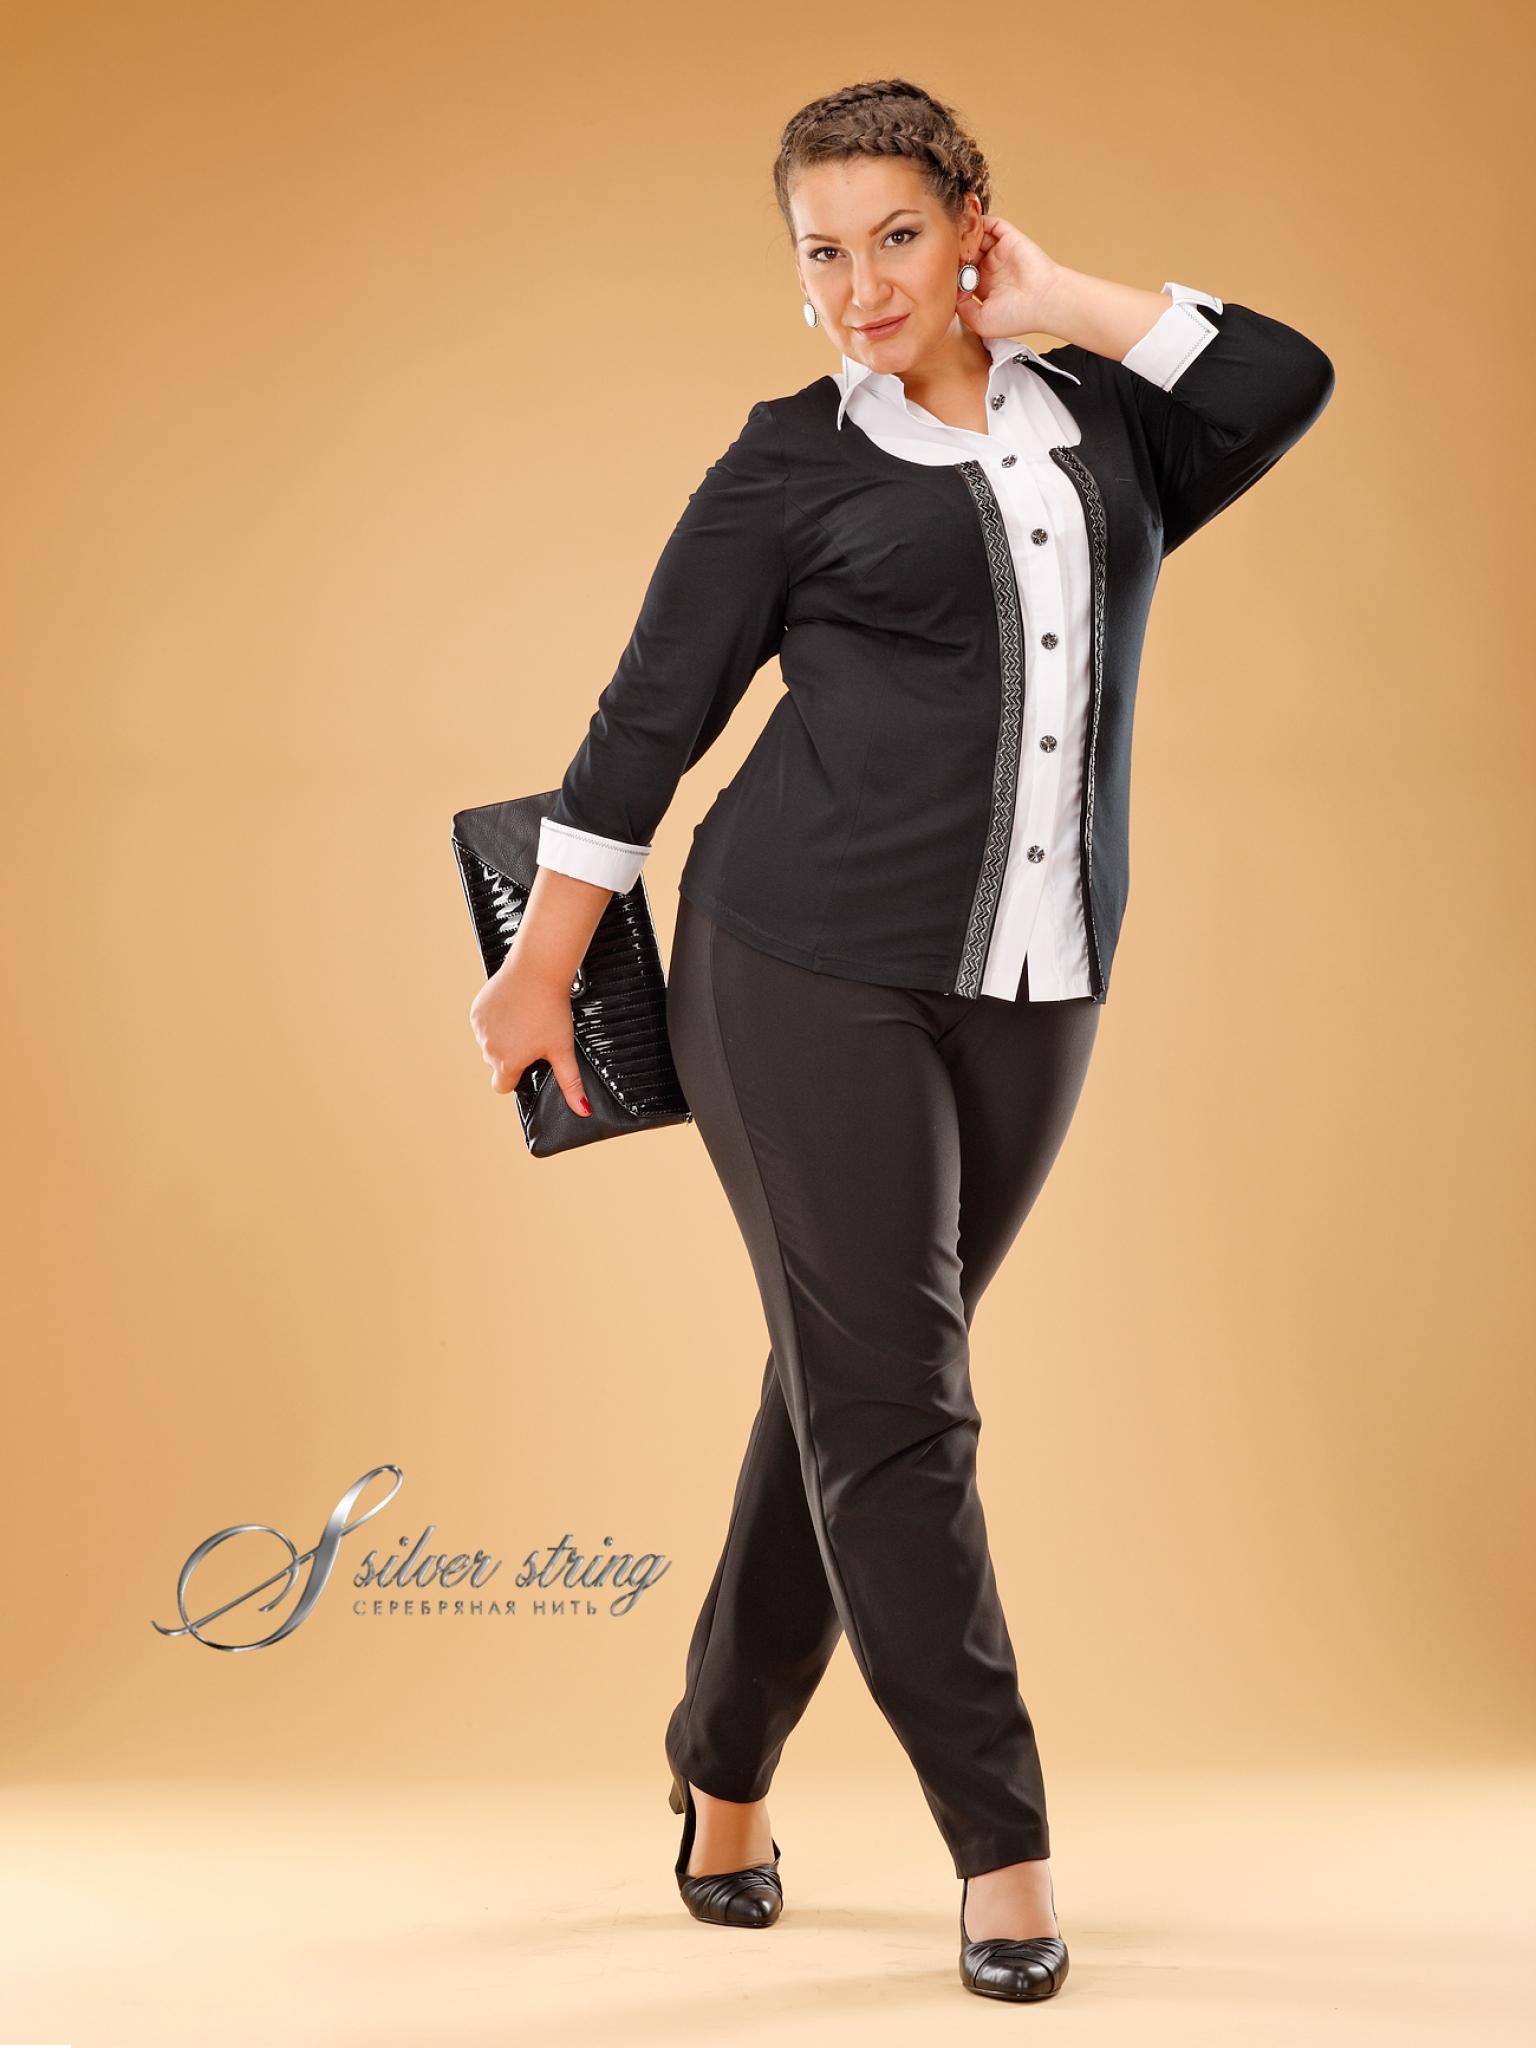 Silver String Одежда Больших Размеров С Доставкой